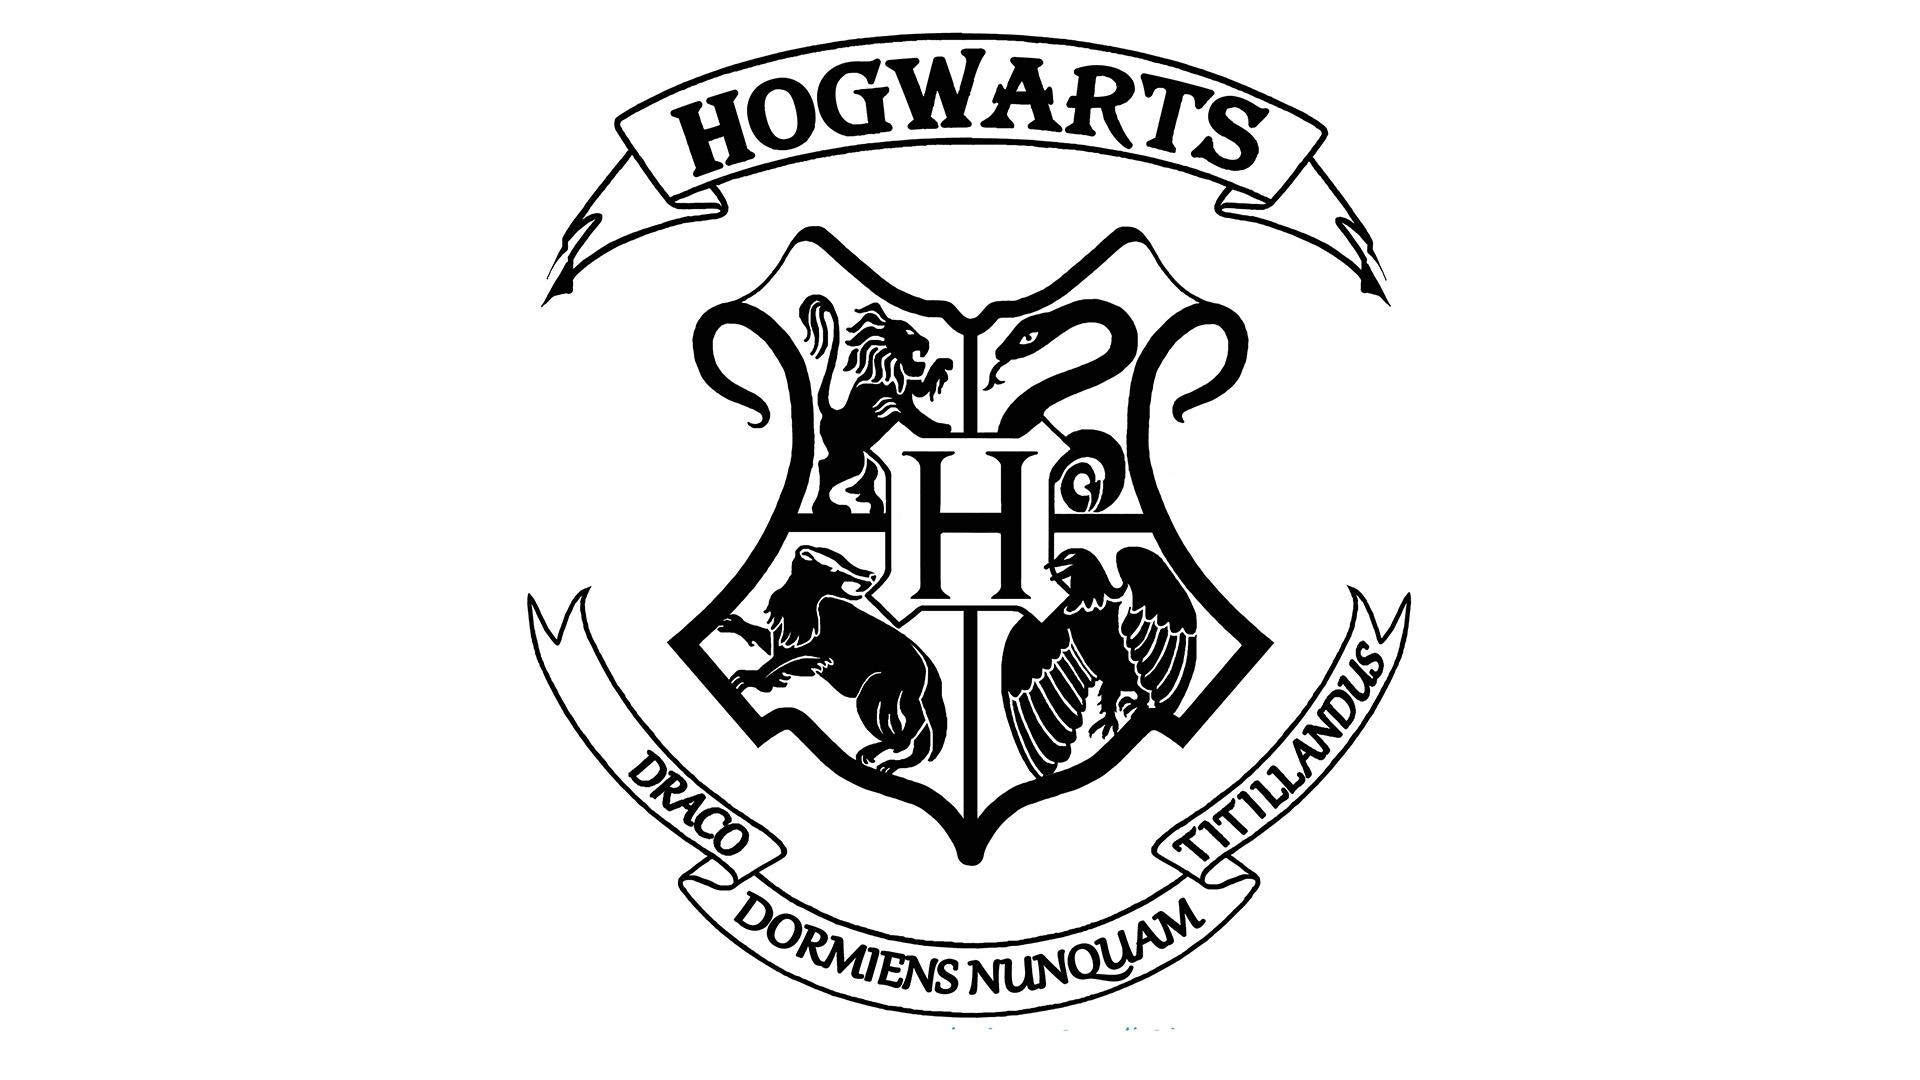 Meaning Hogwarts logo and symbol.